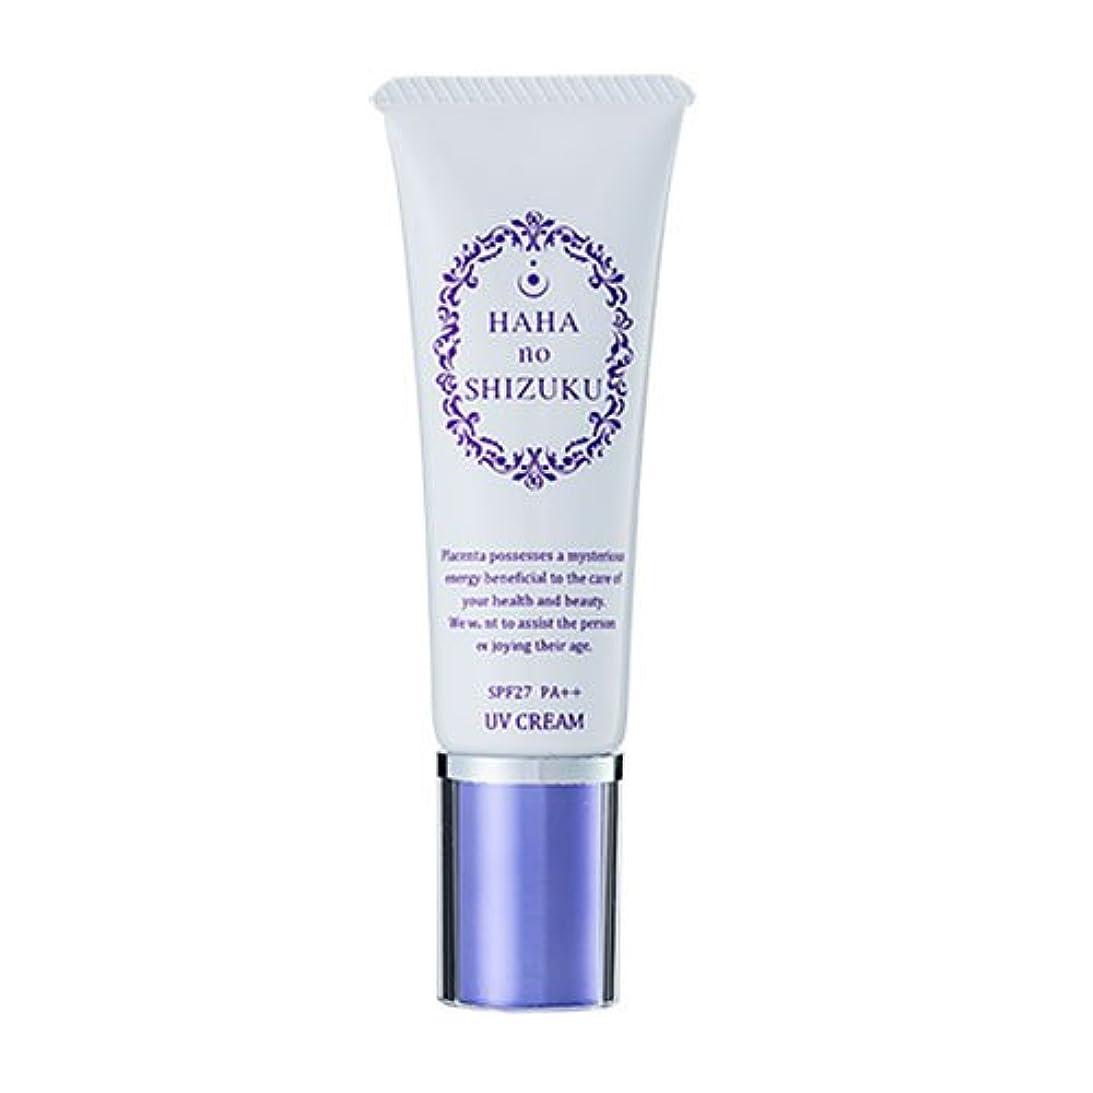 くしゃみ七時半必要性母の滴 プラセンタクUVクリーム 美白効果 UVカット 敏感肌にも安心 (30g) ラセンタエキス サイタイエキス アミノ酸